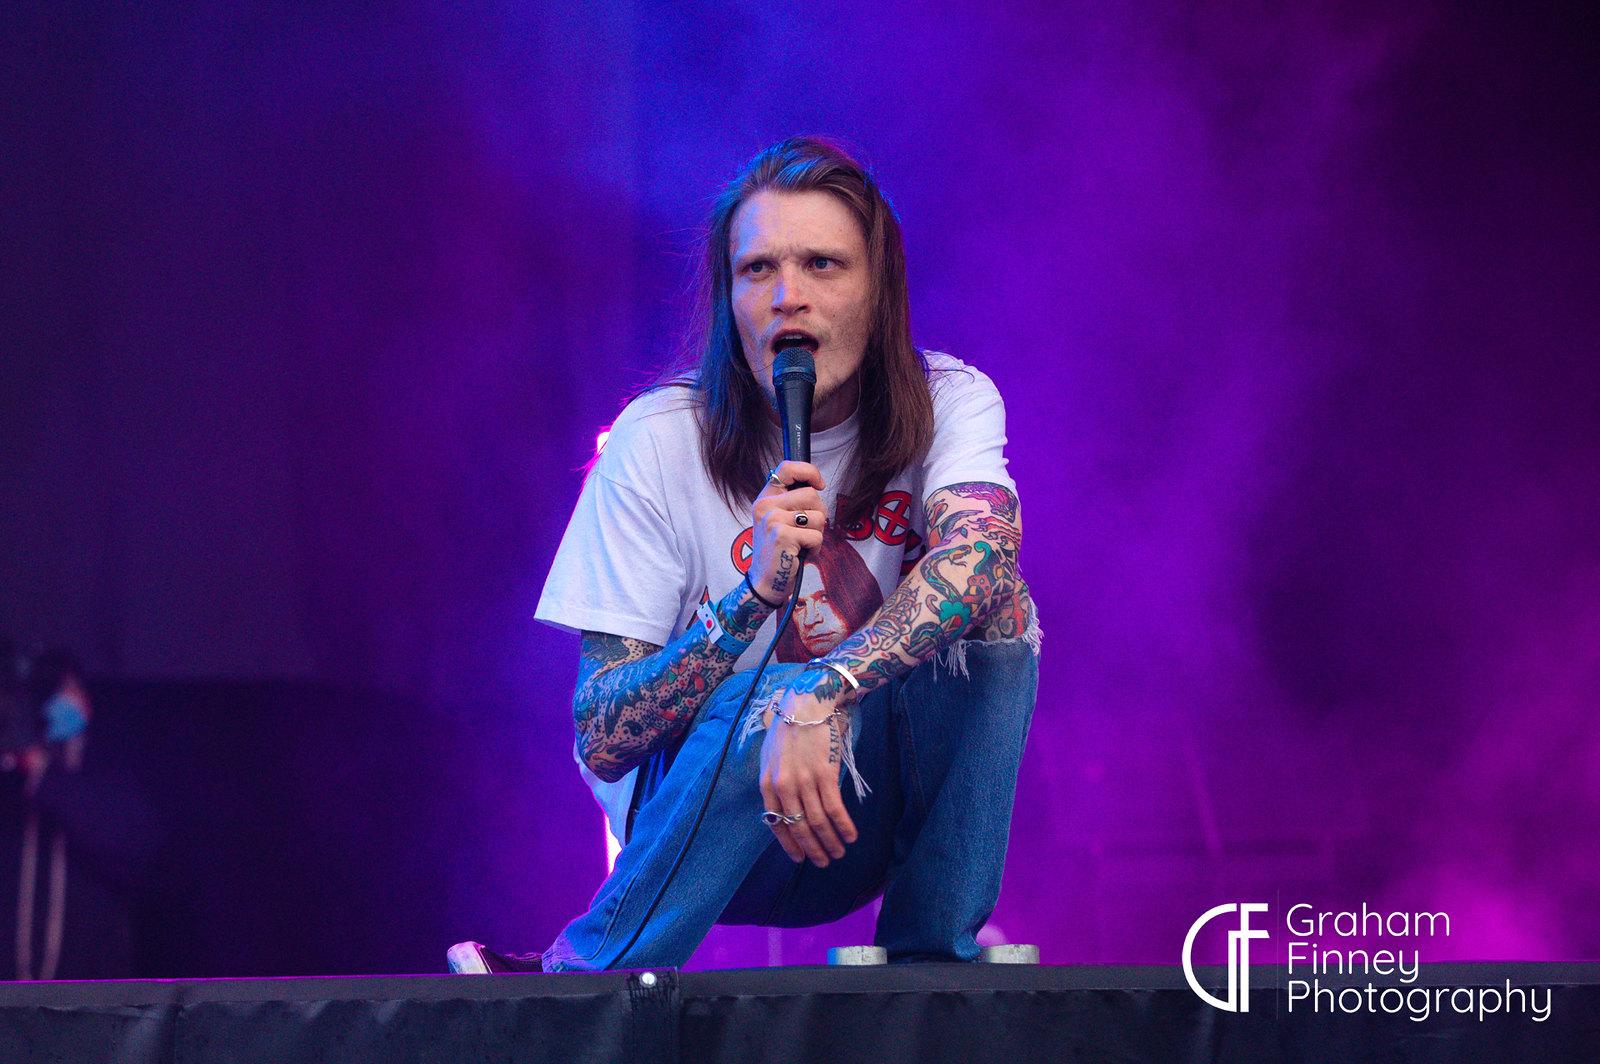 Download Festival Pilot (Day 1) - Castle Donington, Leicestershire, June 18, 2021